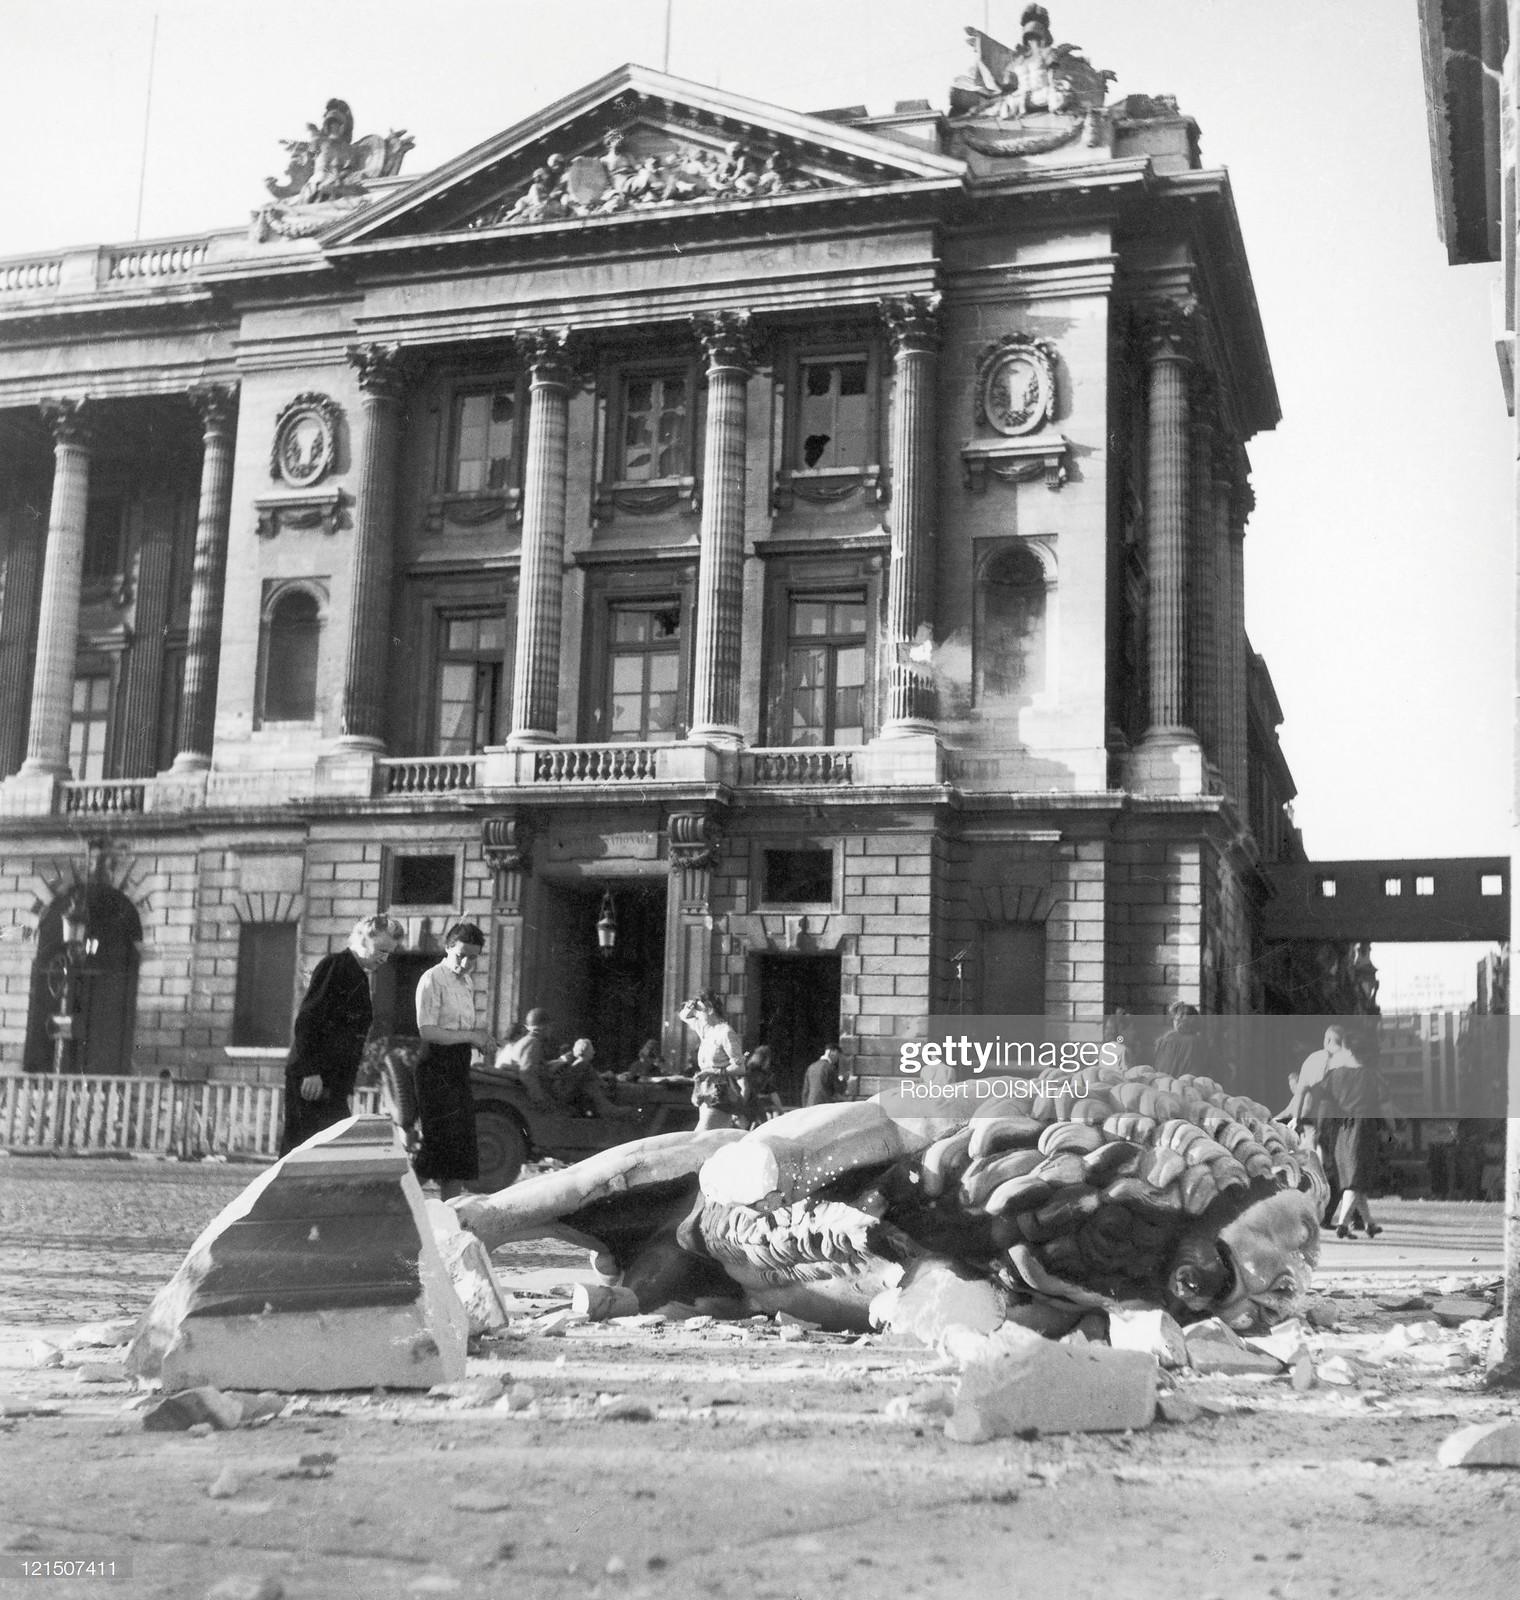 1944. Материальные потери, вызванные парижским восстанием, были многочисленными, например на площади Согласия в Париже